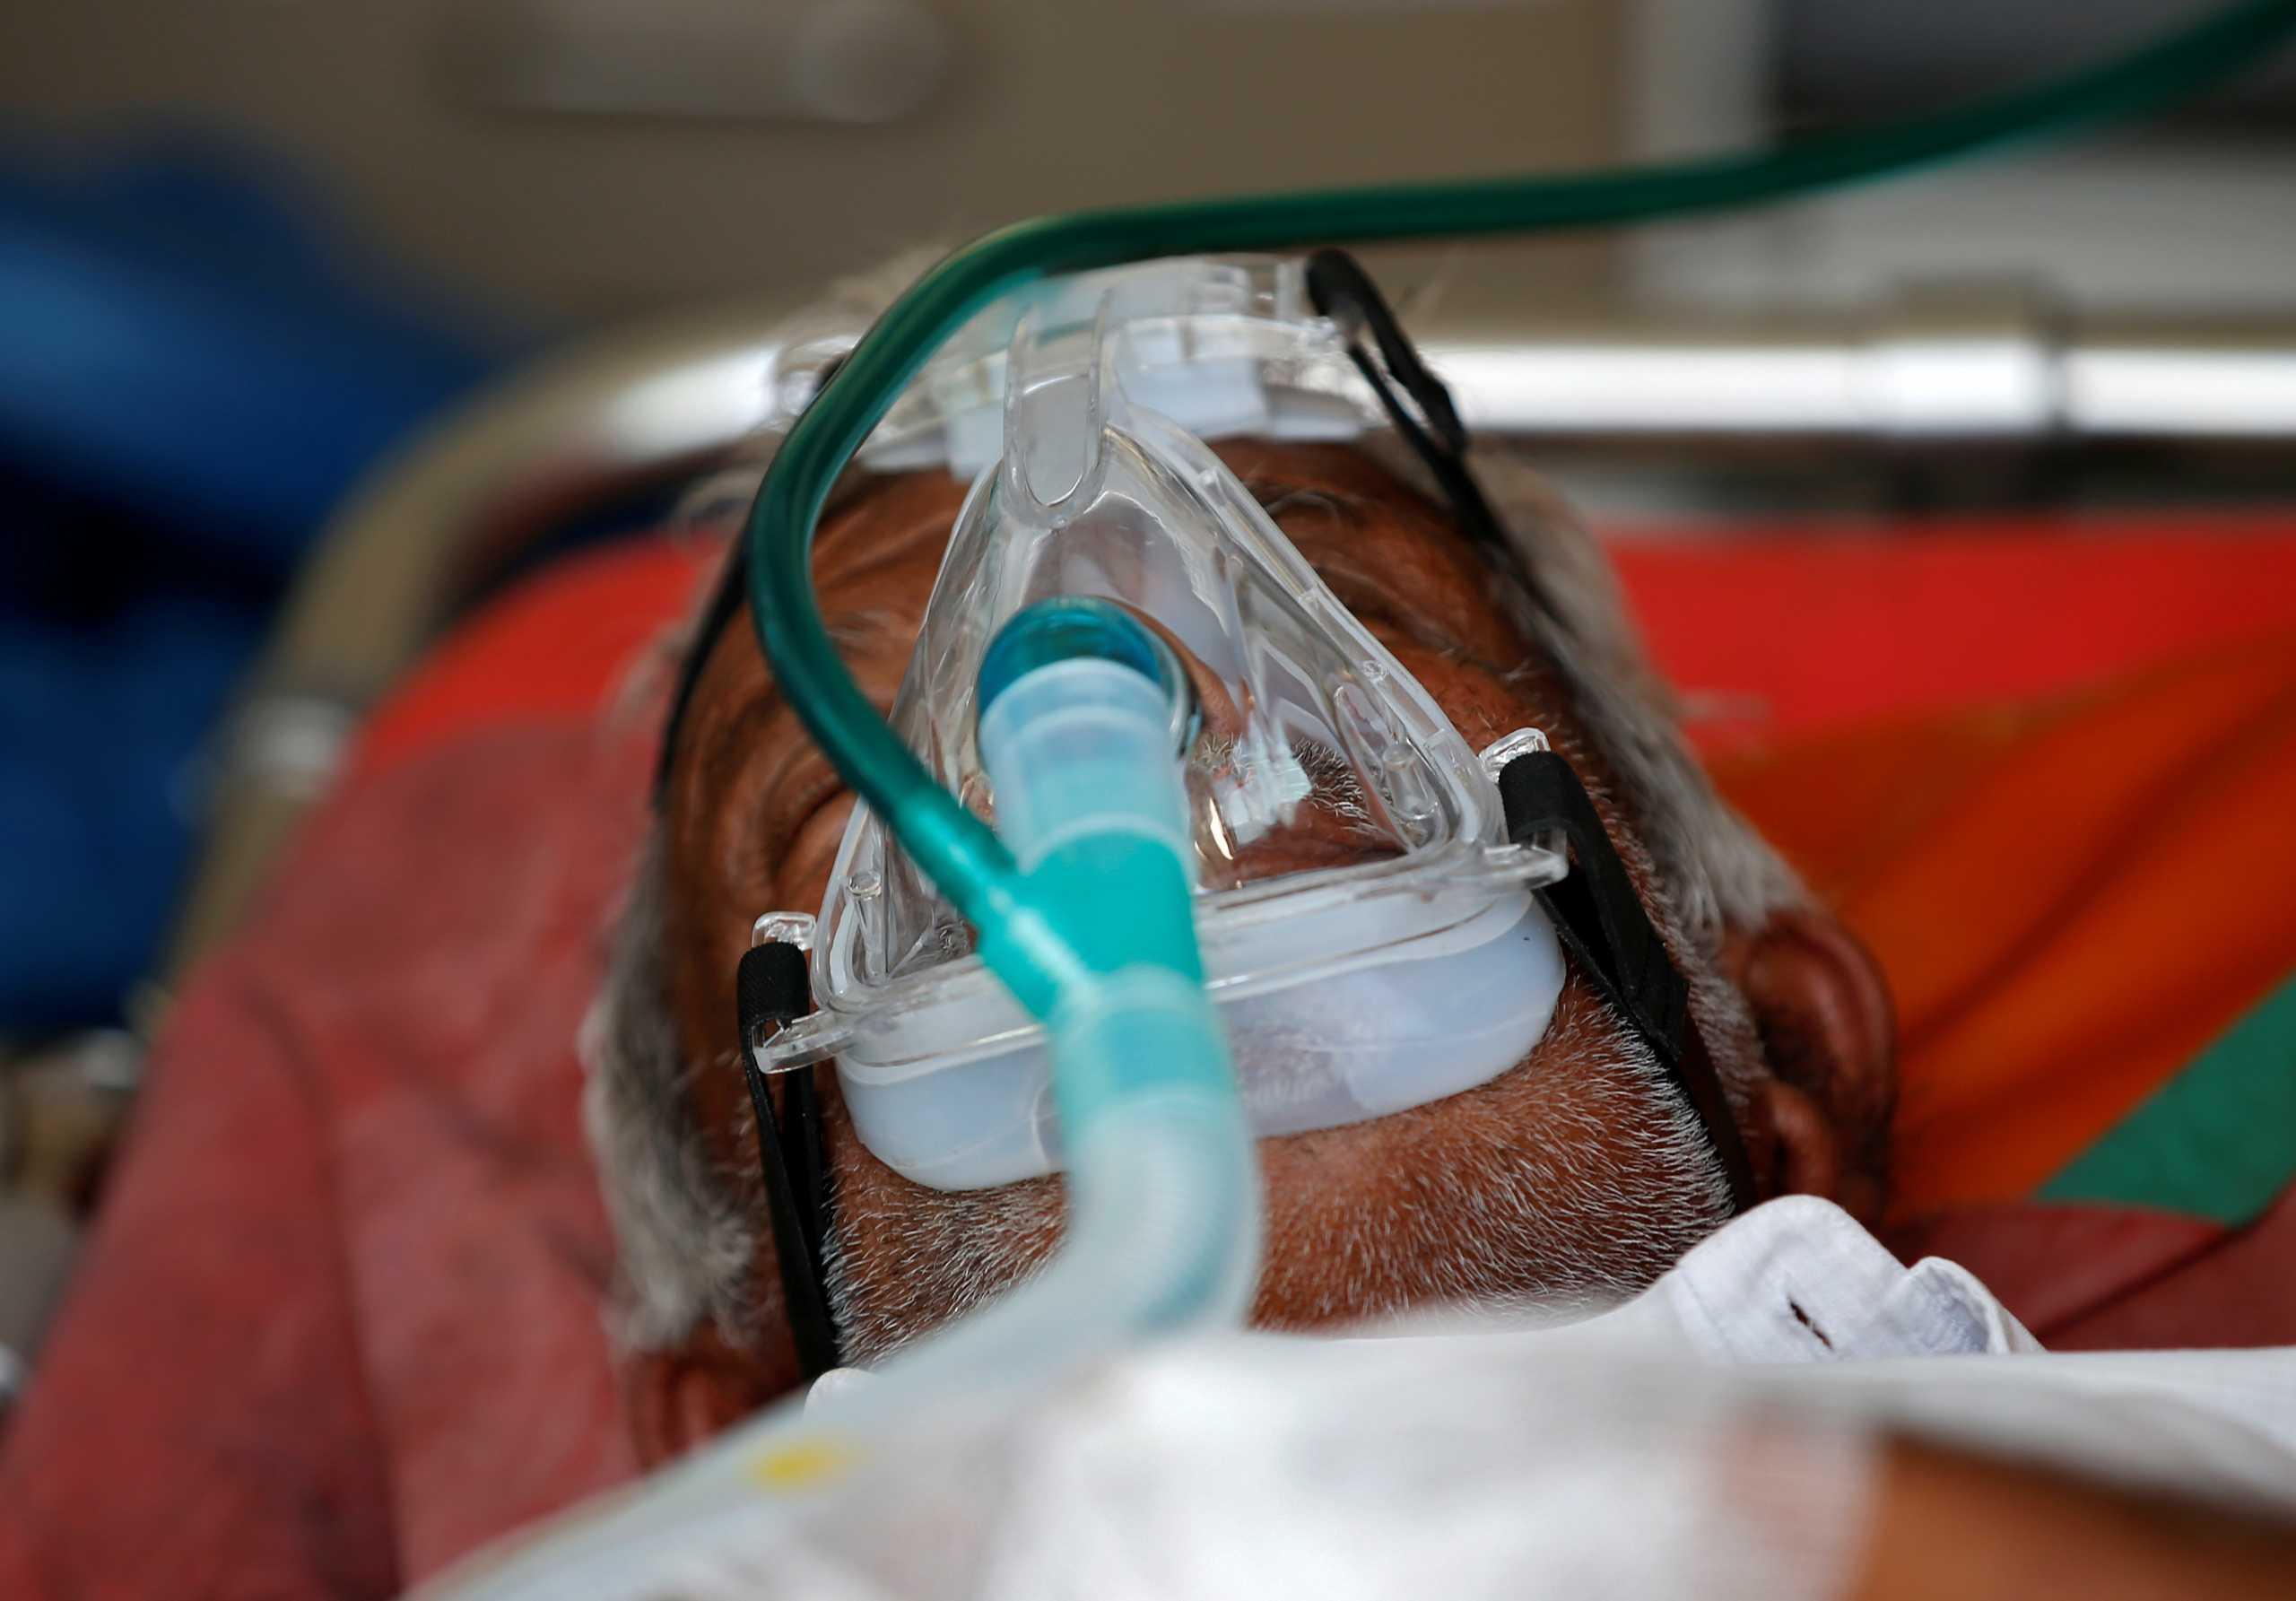 Βρετανία: Ιατρικό εξοπλισμό έκτακτης ανάγκης στην Ινδία στέλνει το Λονδίνο